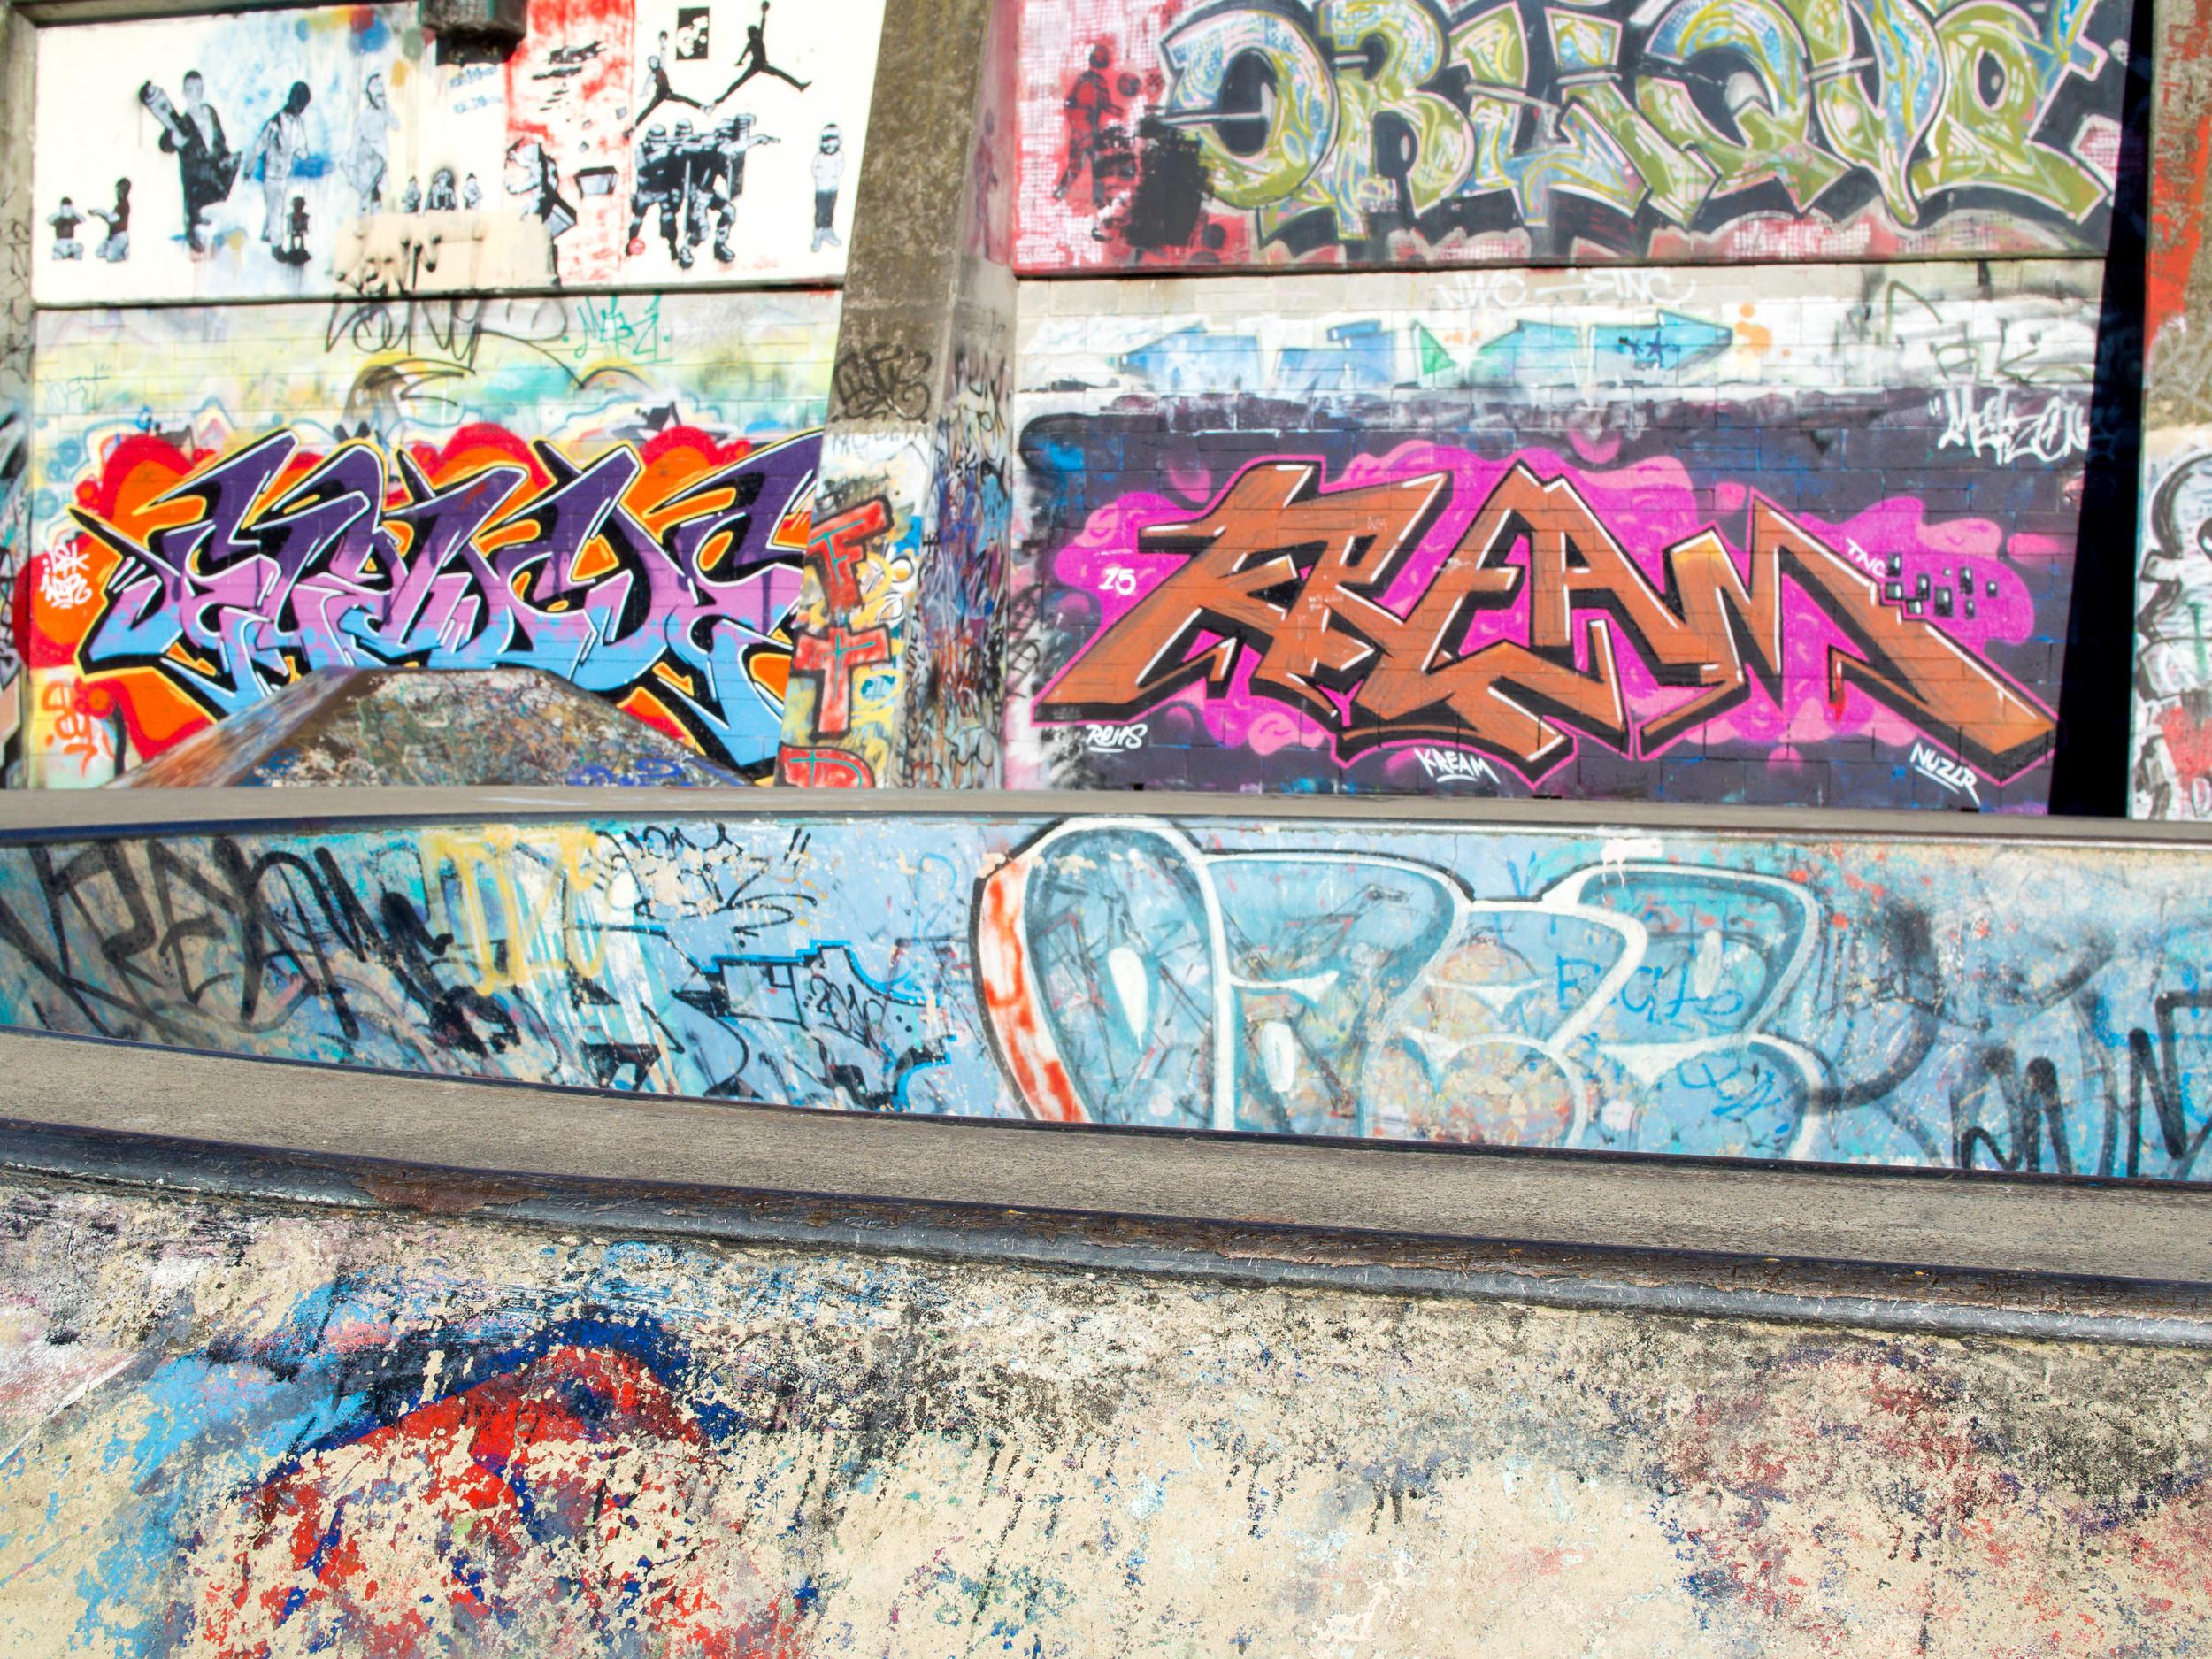 Skate Park Launceston Tasmania. OMD 25mm f1.8